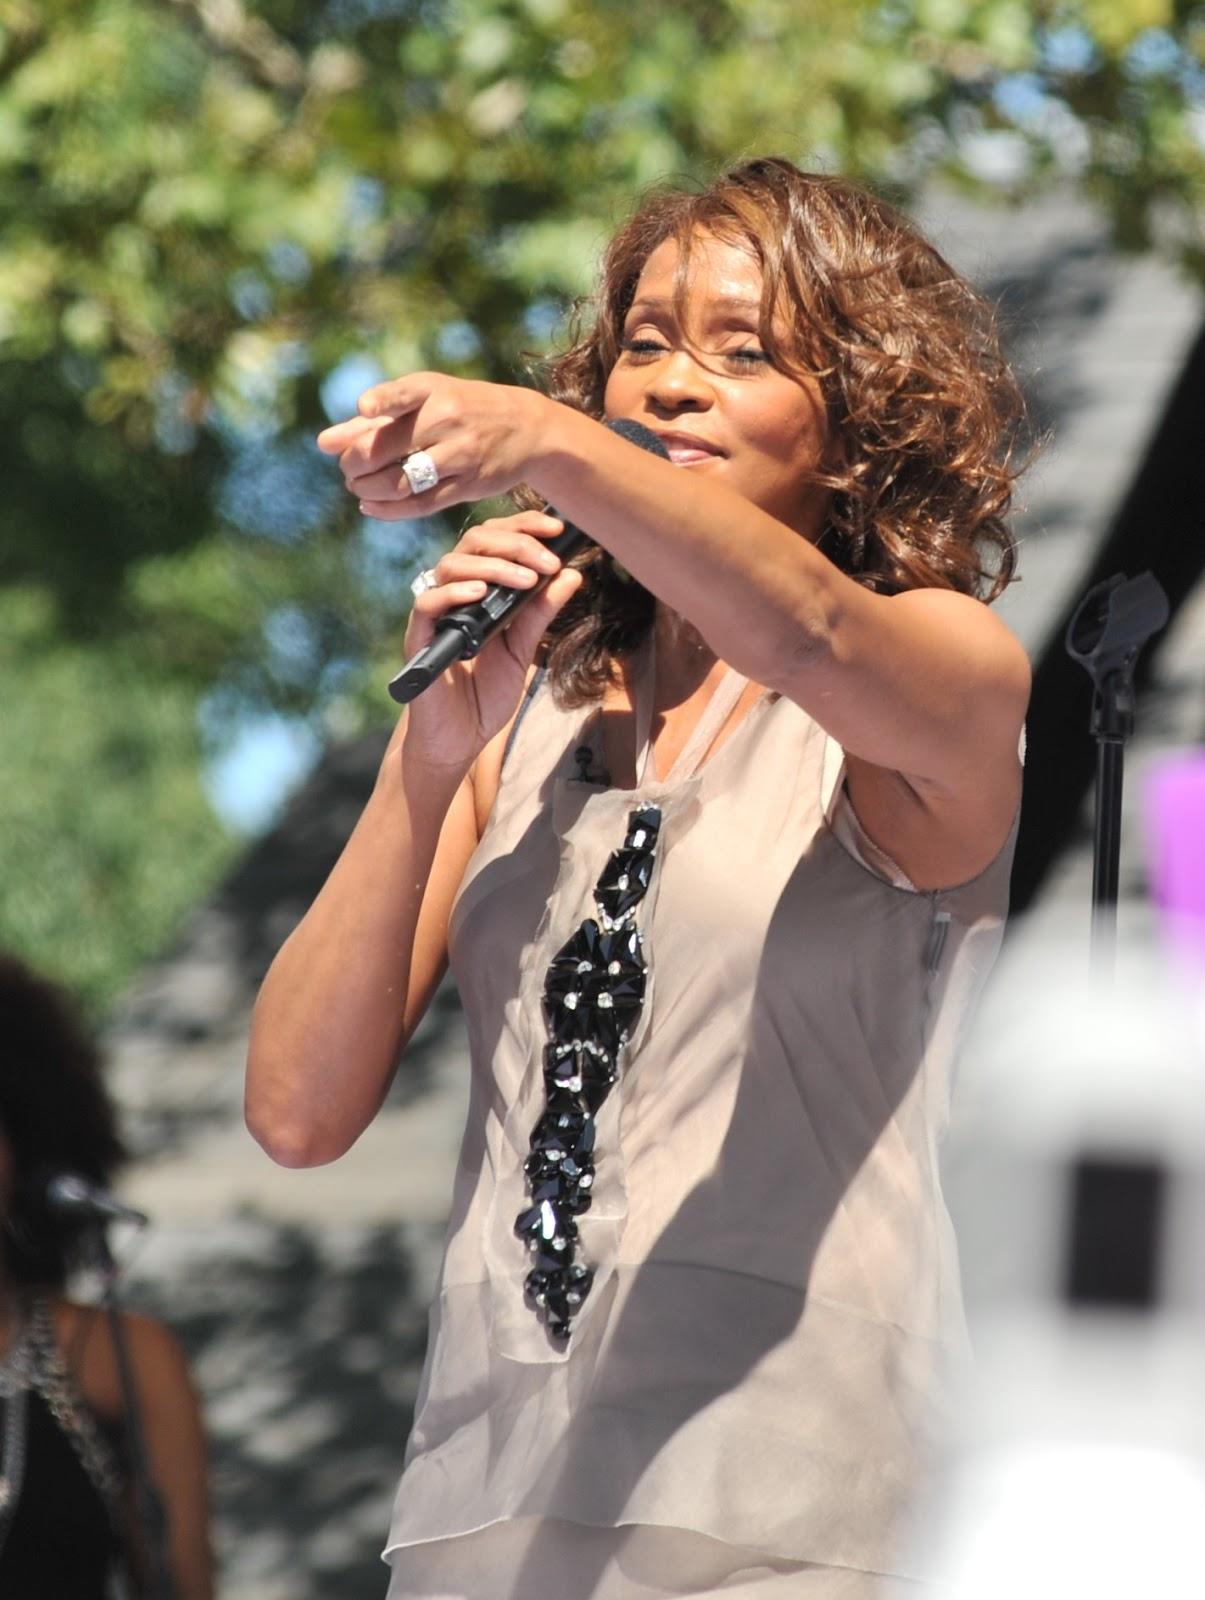 http://4.bp.blogspot.com/-RGngh1UJBgg/TzcYbktFX2I/AAAAAAAAAFA/og3gL9na0cQ/s1600/Flickr_Whitney_Houston_performing_on_GMA_2009_3.jpg